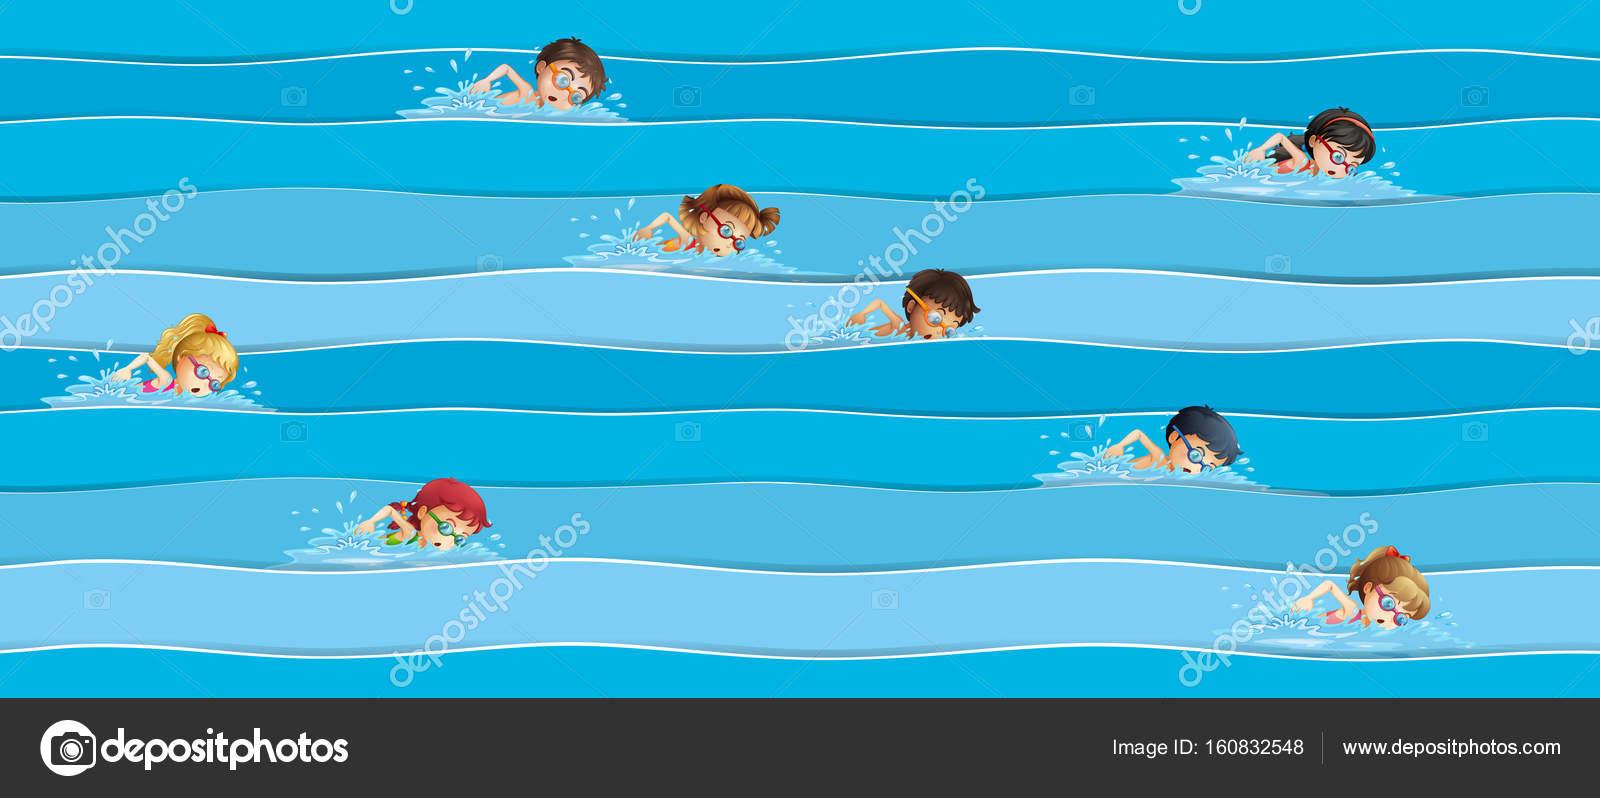 Kinder im Wettschwimmen — Stockvektor © interactimages #160832548